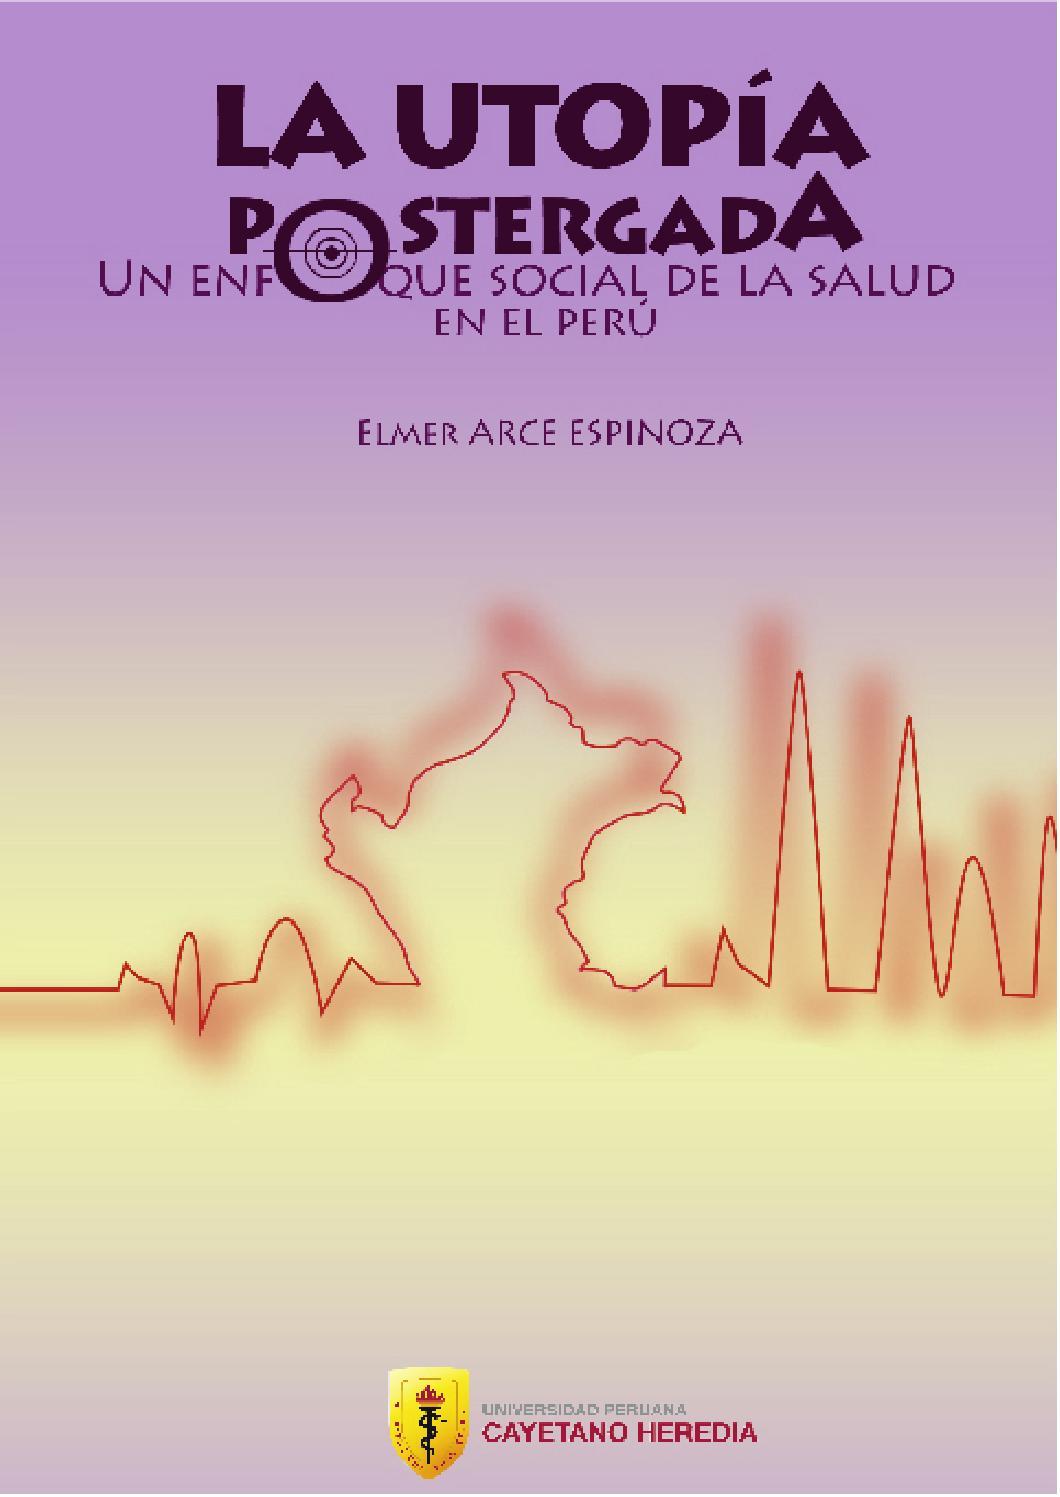 La utopía postergada by Bruno Giol - issuu